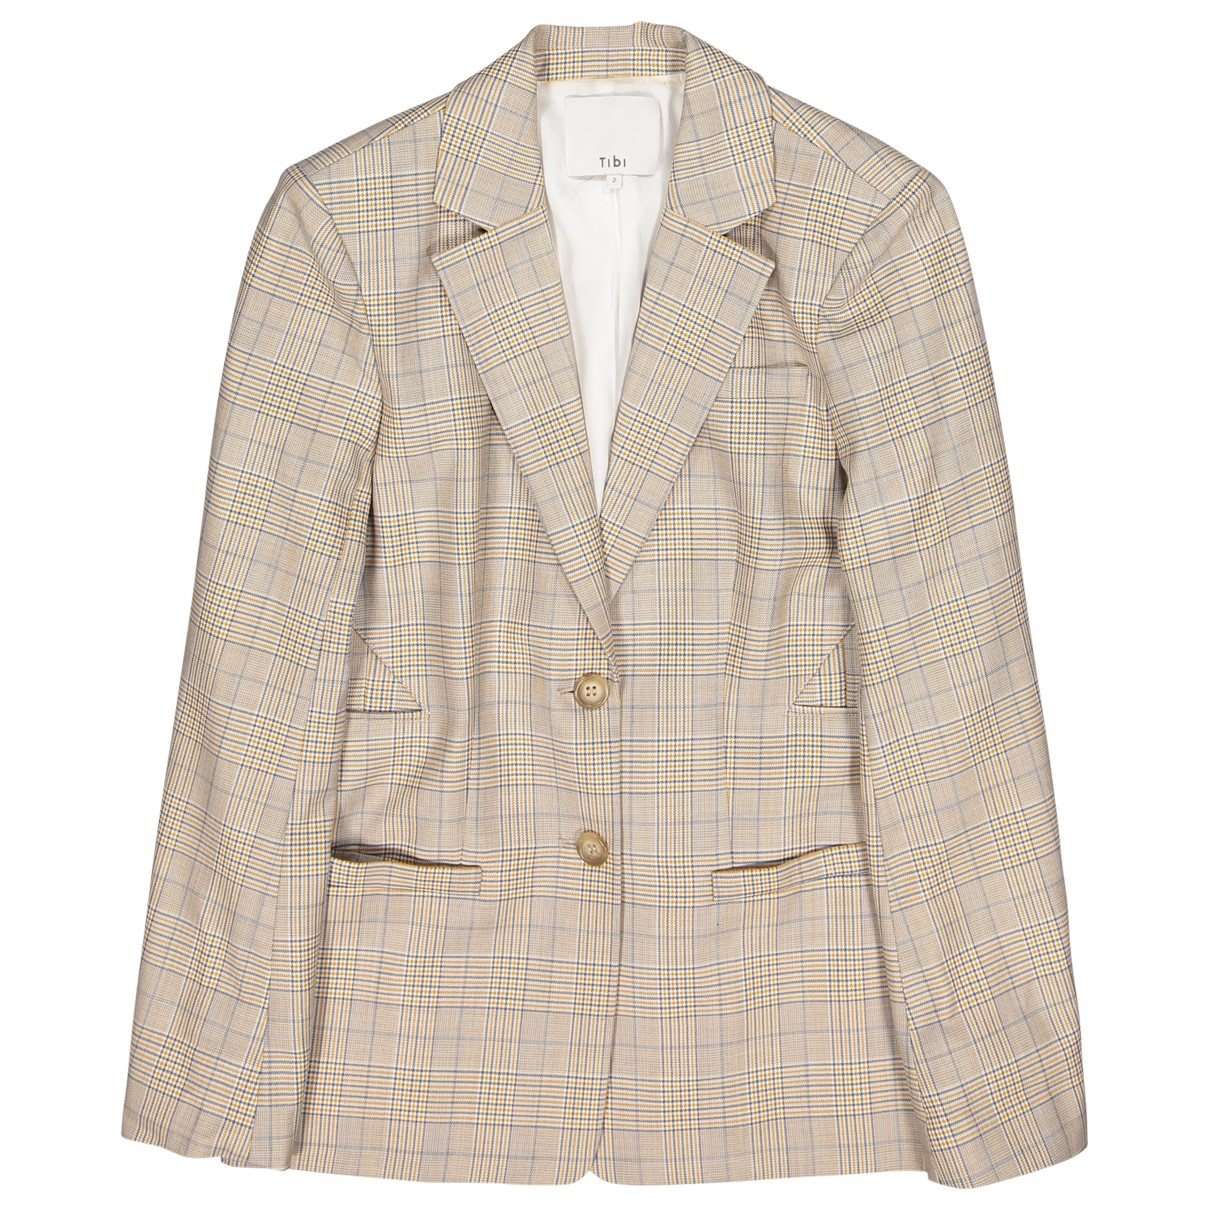 Tibi - Veste   pour femme en laine - beige